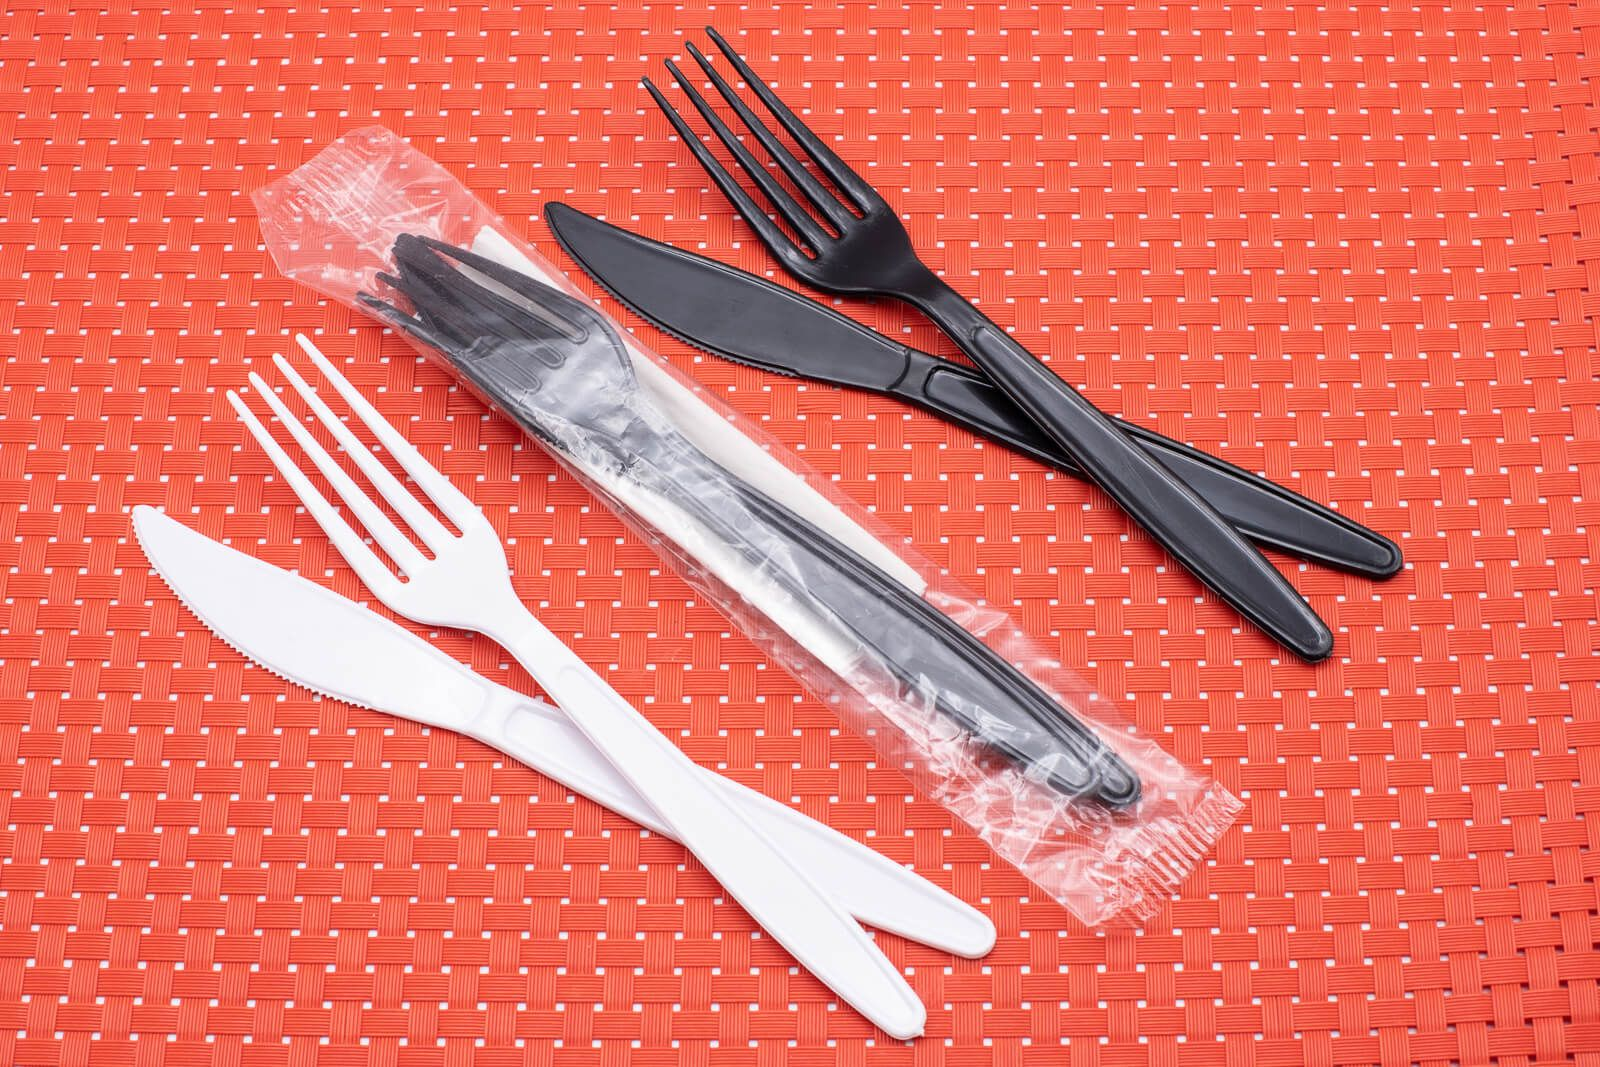 Talher descartável envelopado garfo e faca com e sem guardanapo - Com guardanapo - Preto